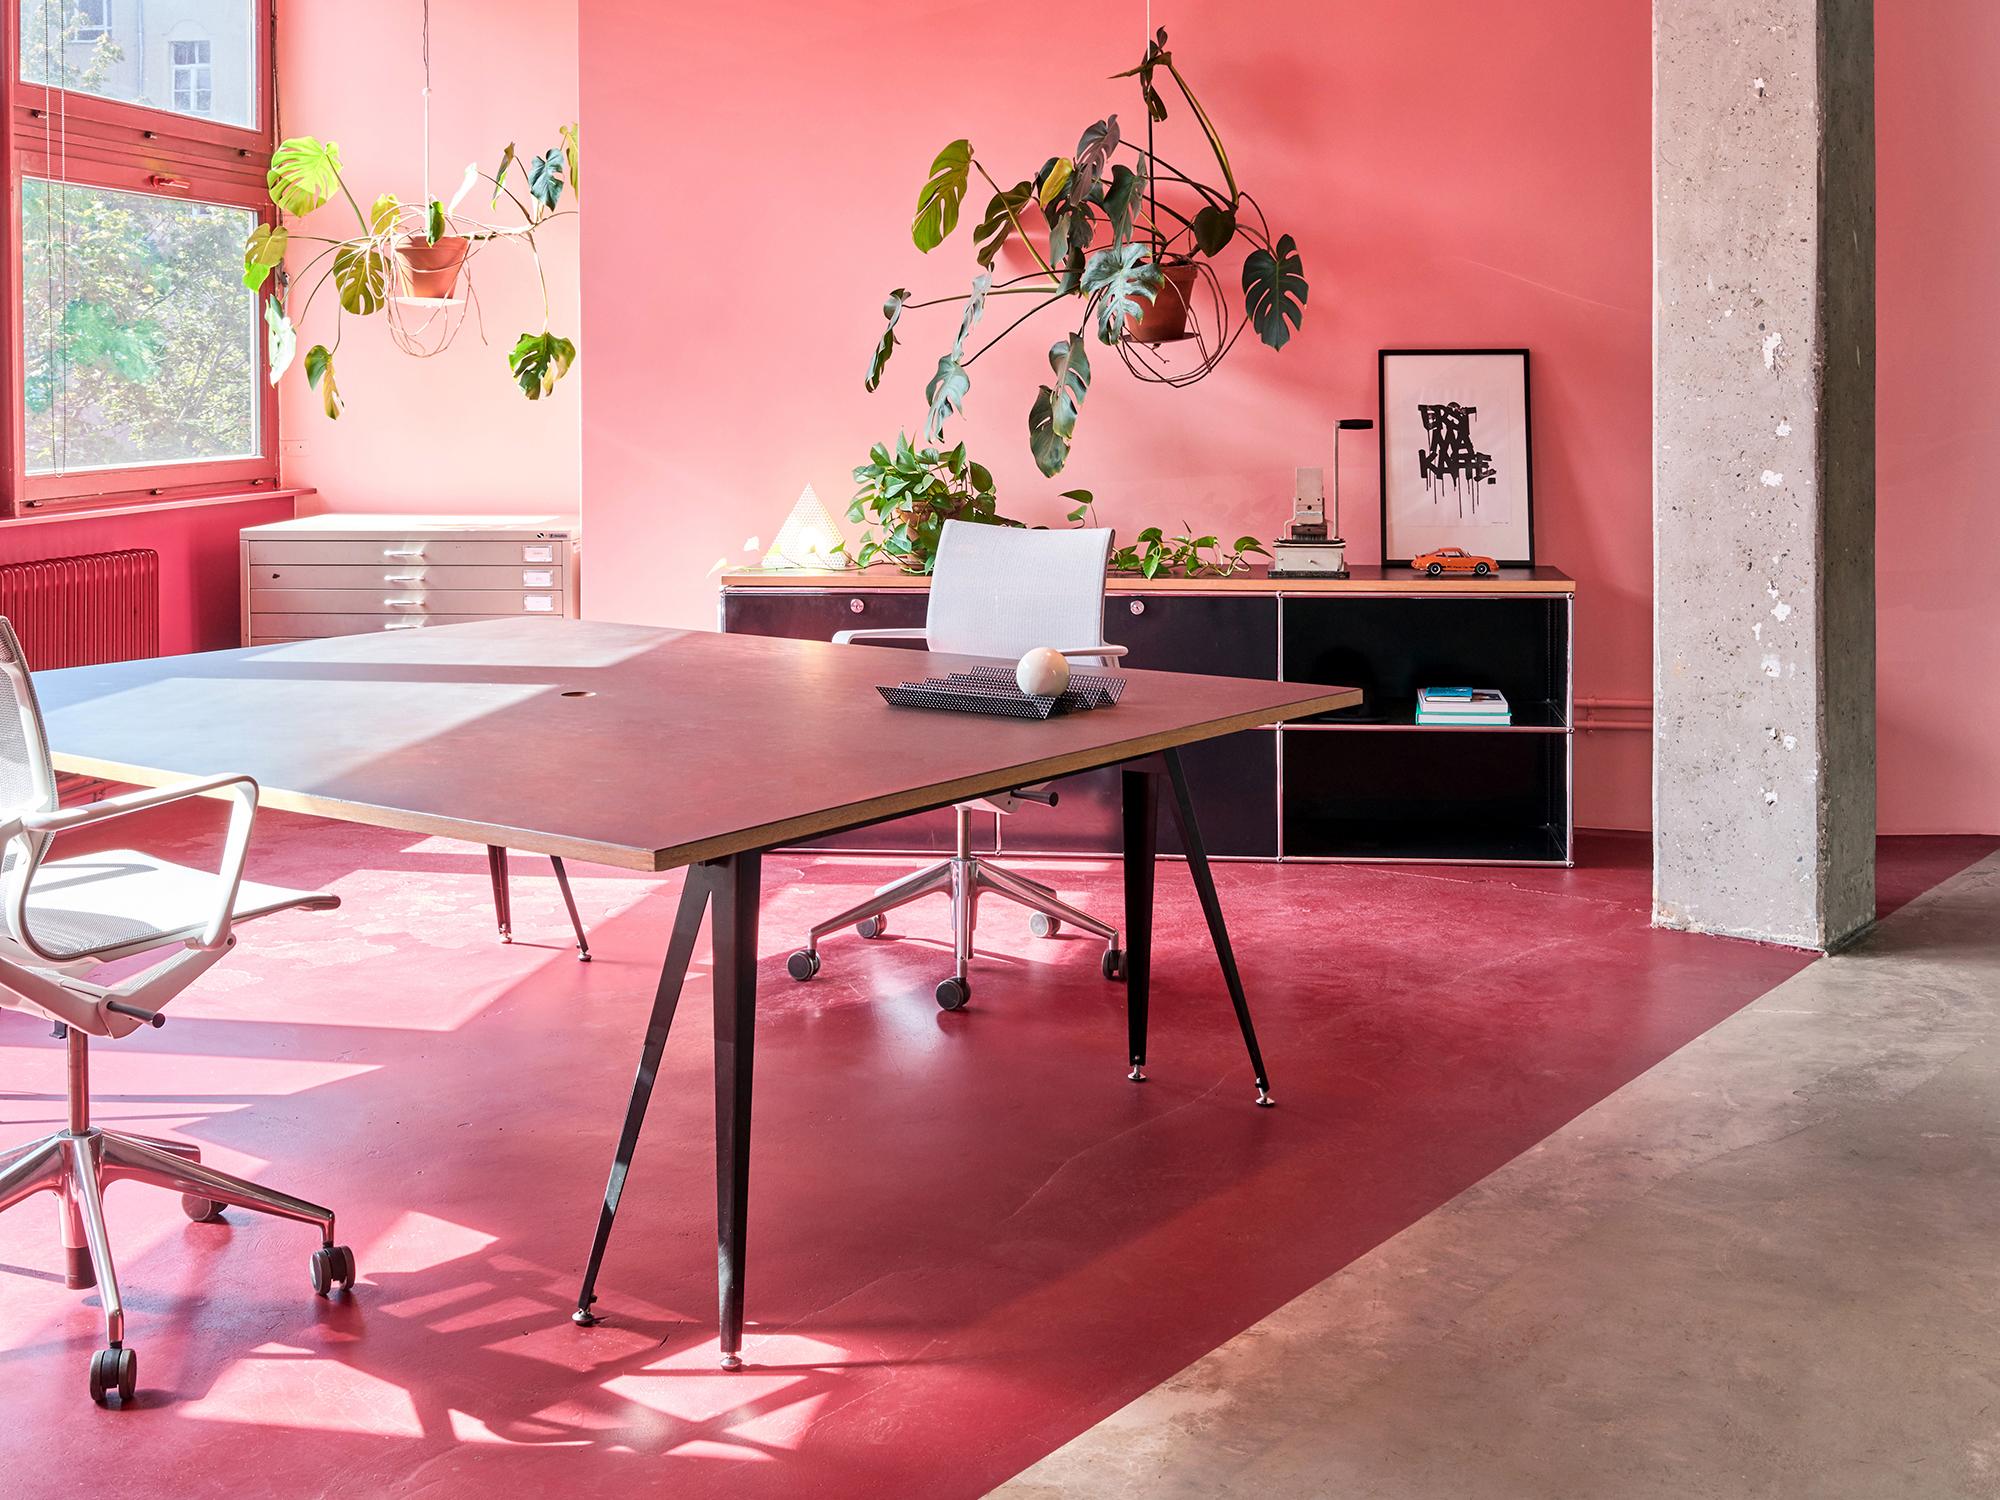 Dasfarbige Büro des Berliner Designstudios Coordination